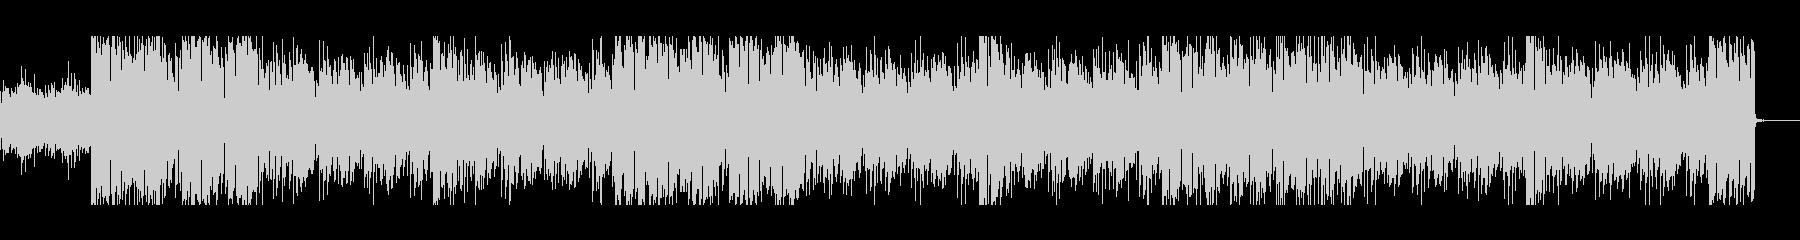 アコースティックセンチメンタル(アコギ)の未再生の波形